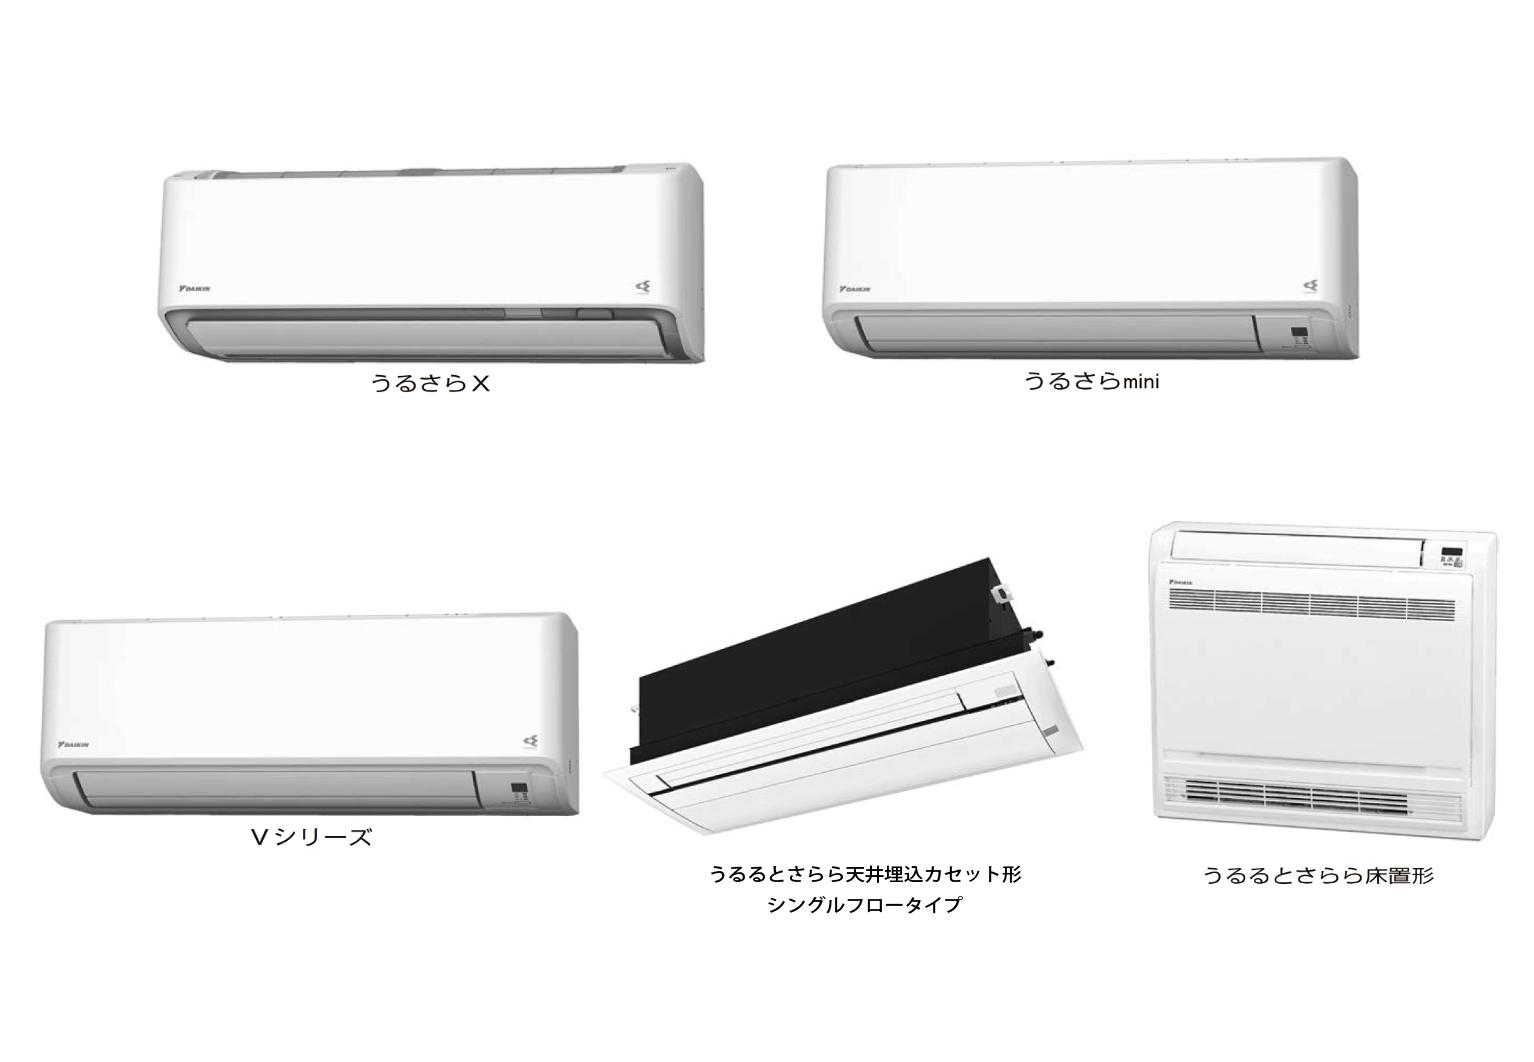 【ダイキン工業】リビングから個室まで部屋に応じて選べる ルームエアコン5製品を順次発売の画像